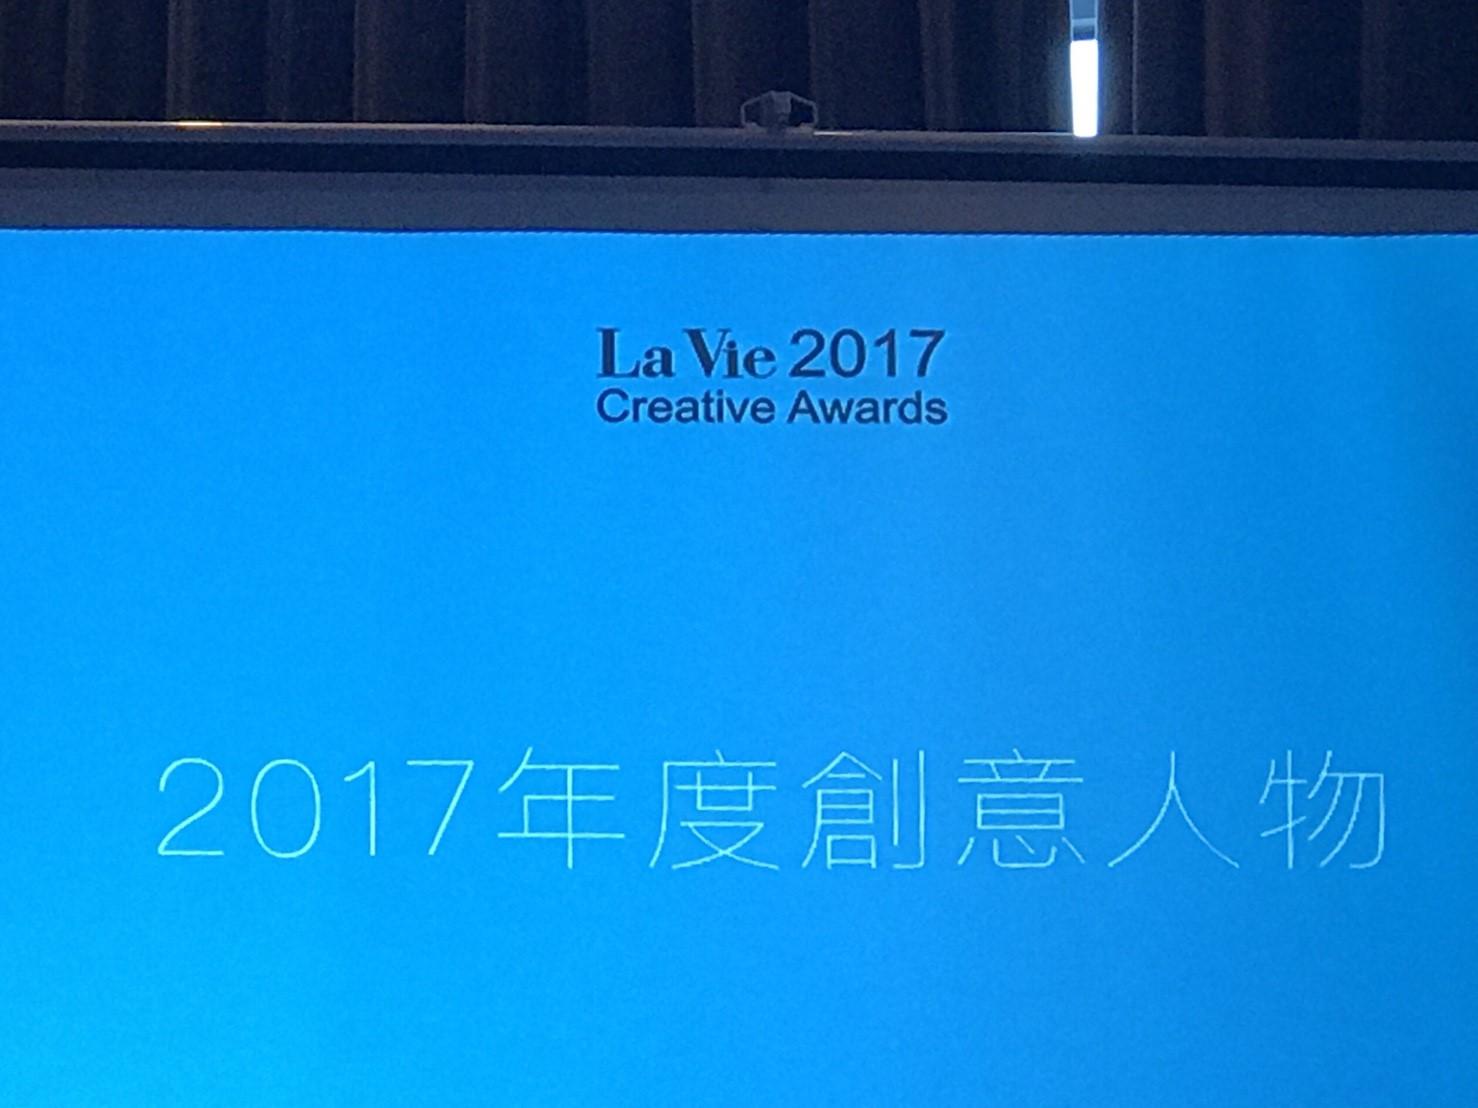 2017 年度創意人物獎(La Vie)_171108_0005.jpg